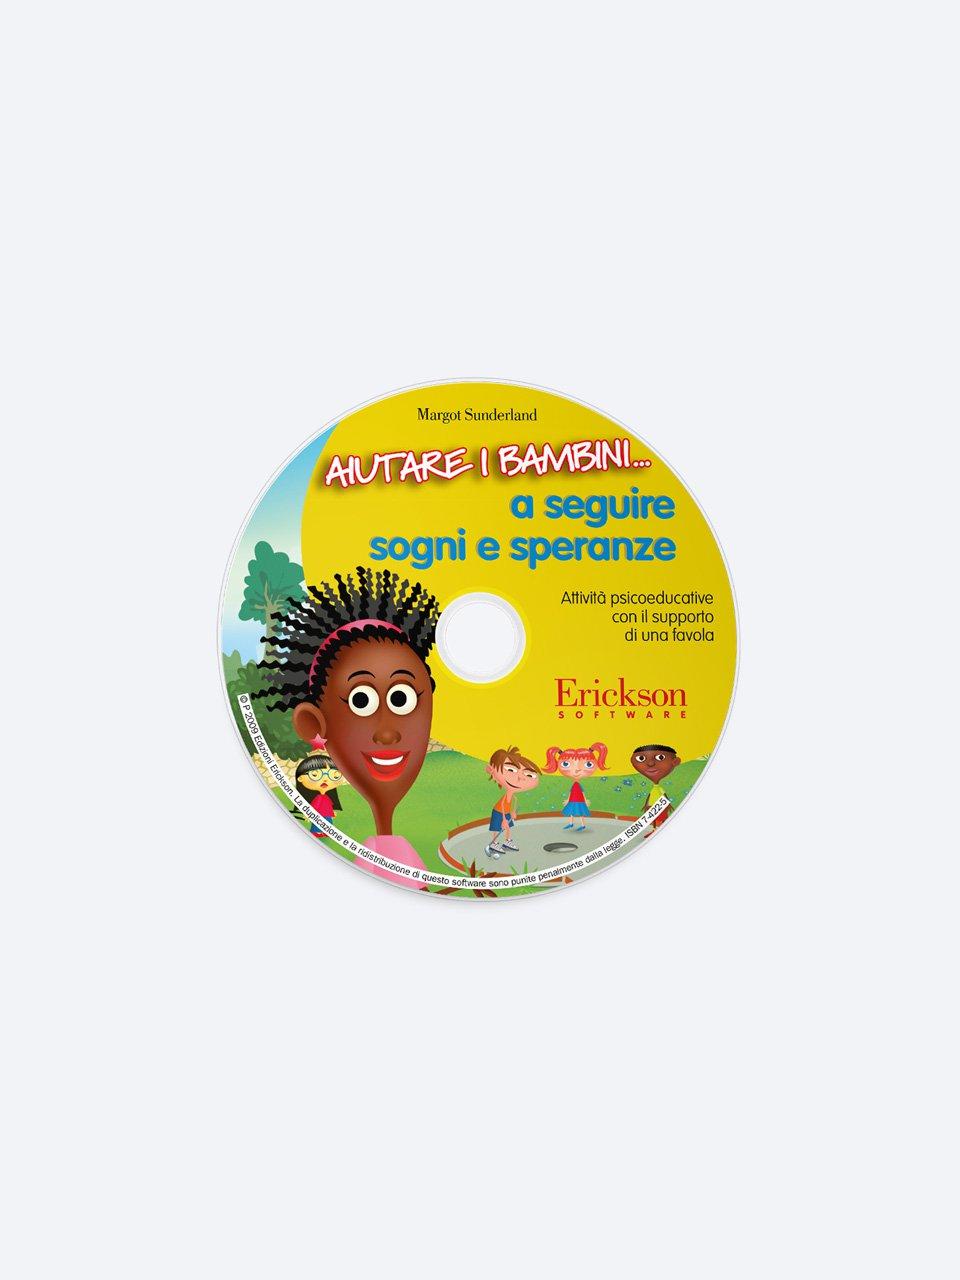 Aiutare i bambini... a seguire sogni e speranze - Raccontare storie aiuta i bambini - Libri - Erickson 2